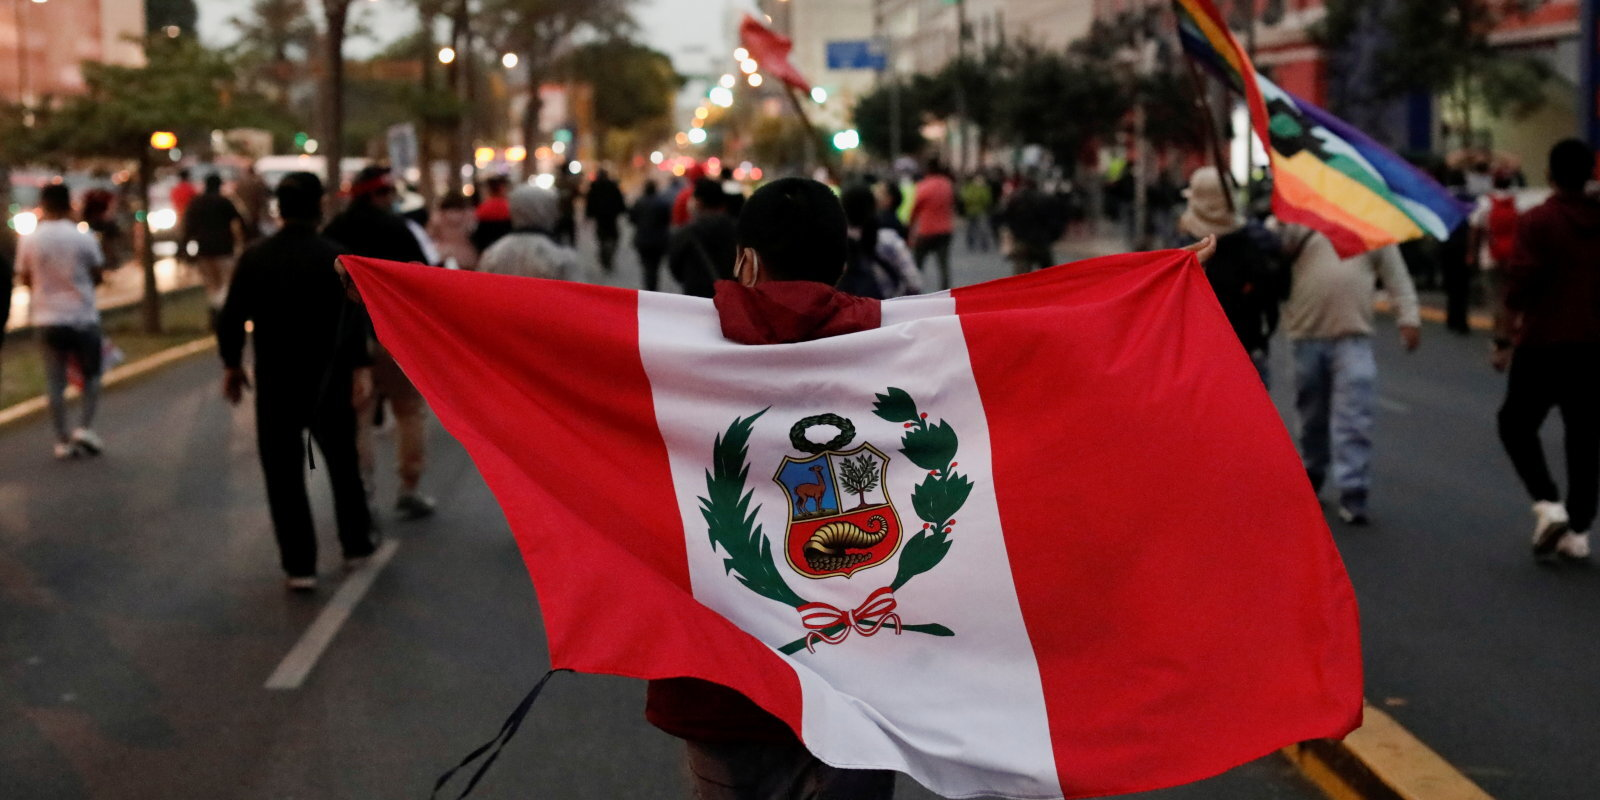 Vēstures rēgi un skandāli par sevi atgādina Peru prezidenta vēlēšanu priekšvakarā